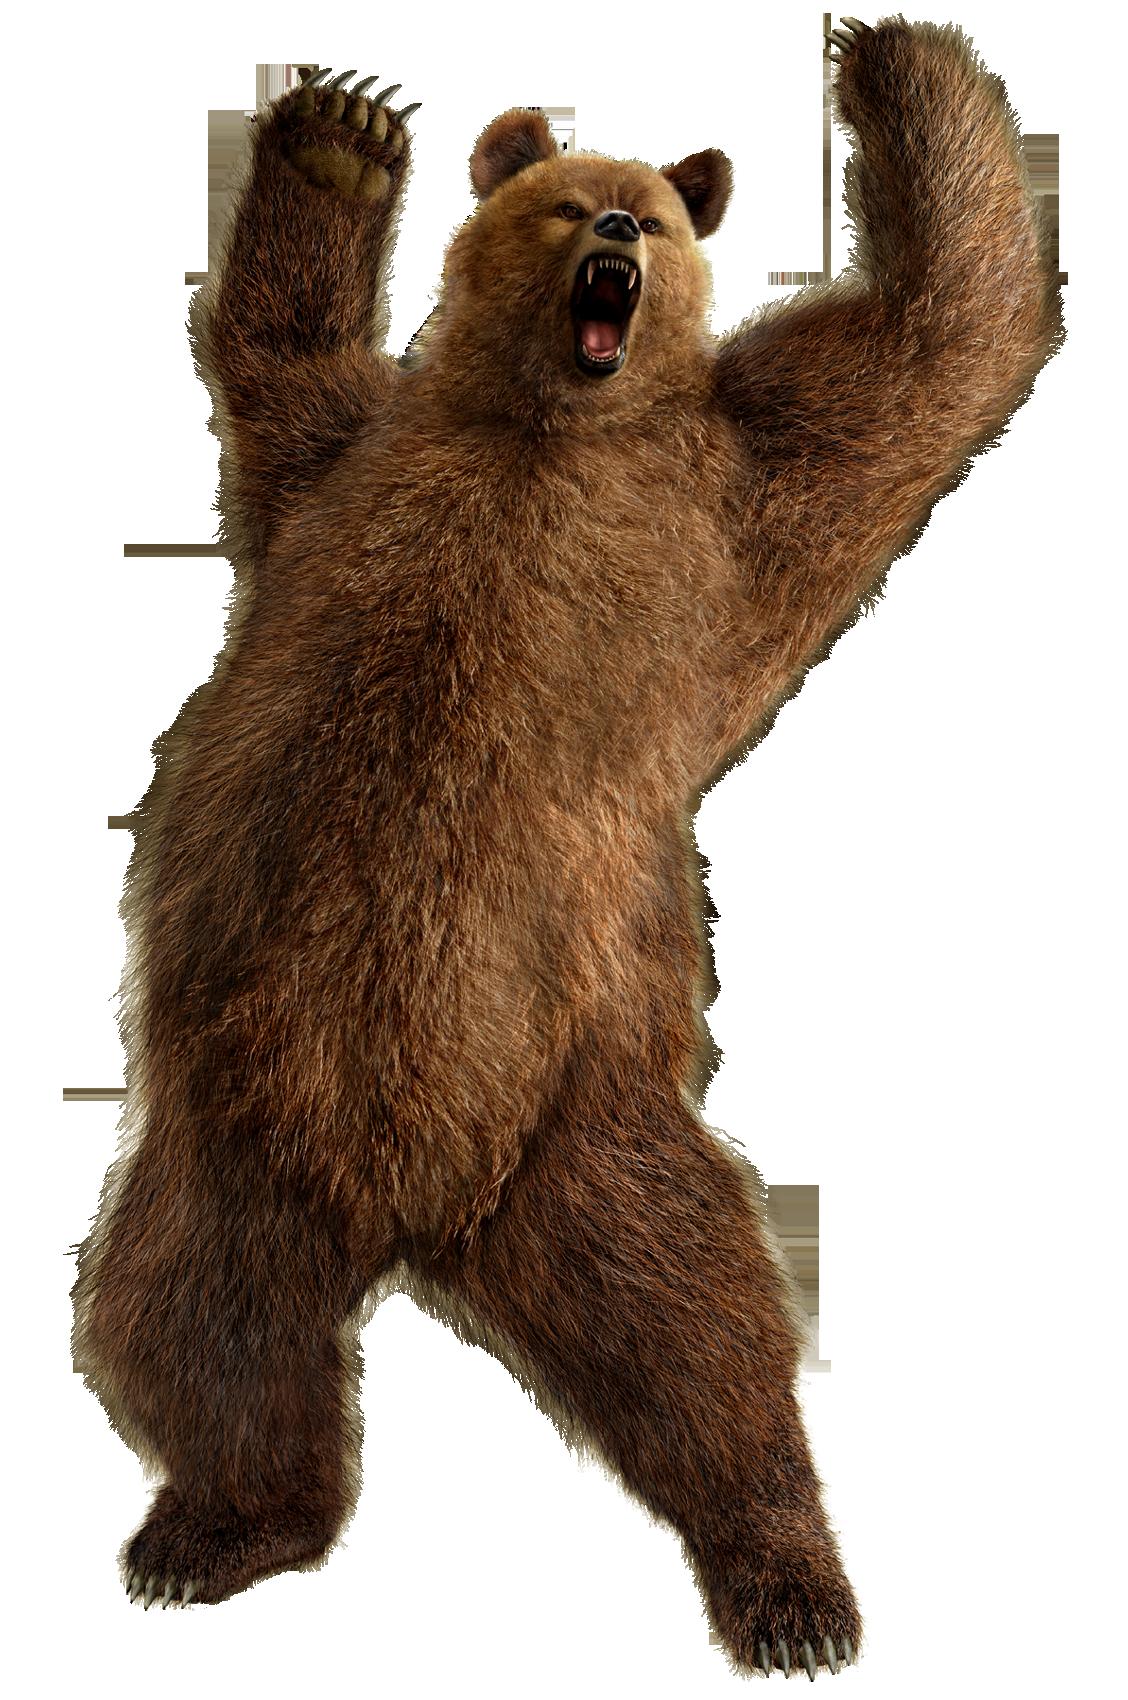 Bear Png 3 PNG Image - Bear HD PNG